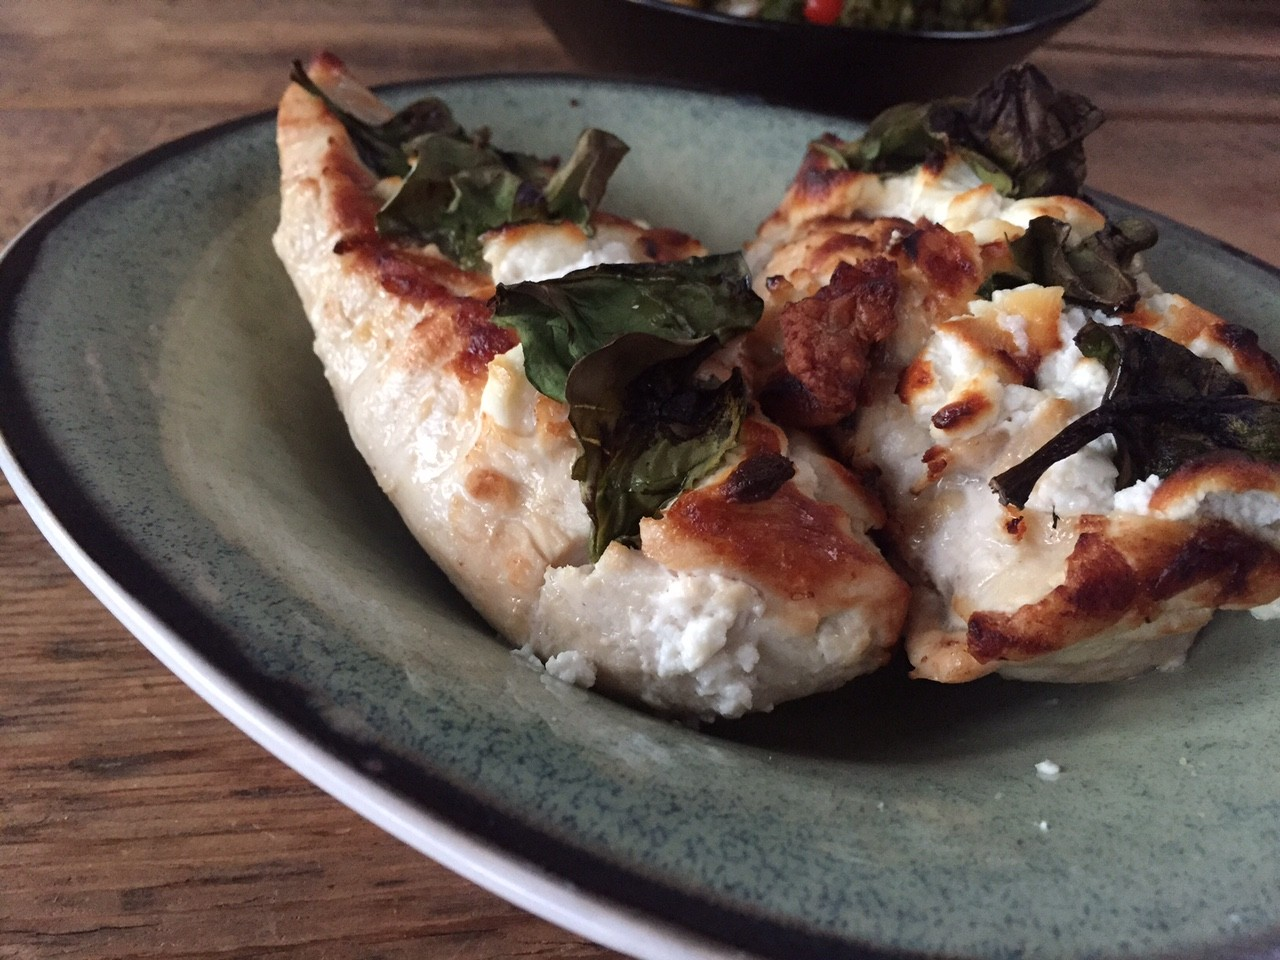 Hasselback kip met geitenkaas en spinazie recept van foodblog Foodinista